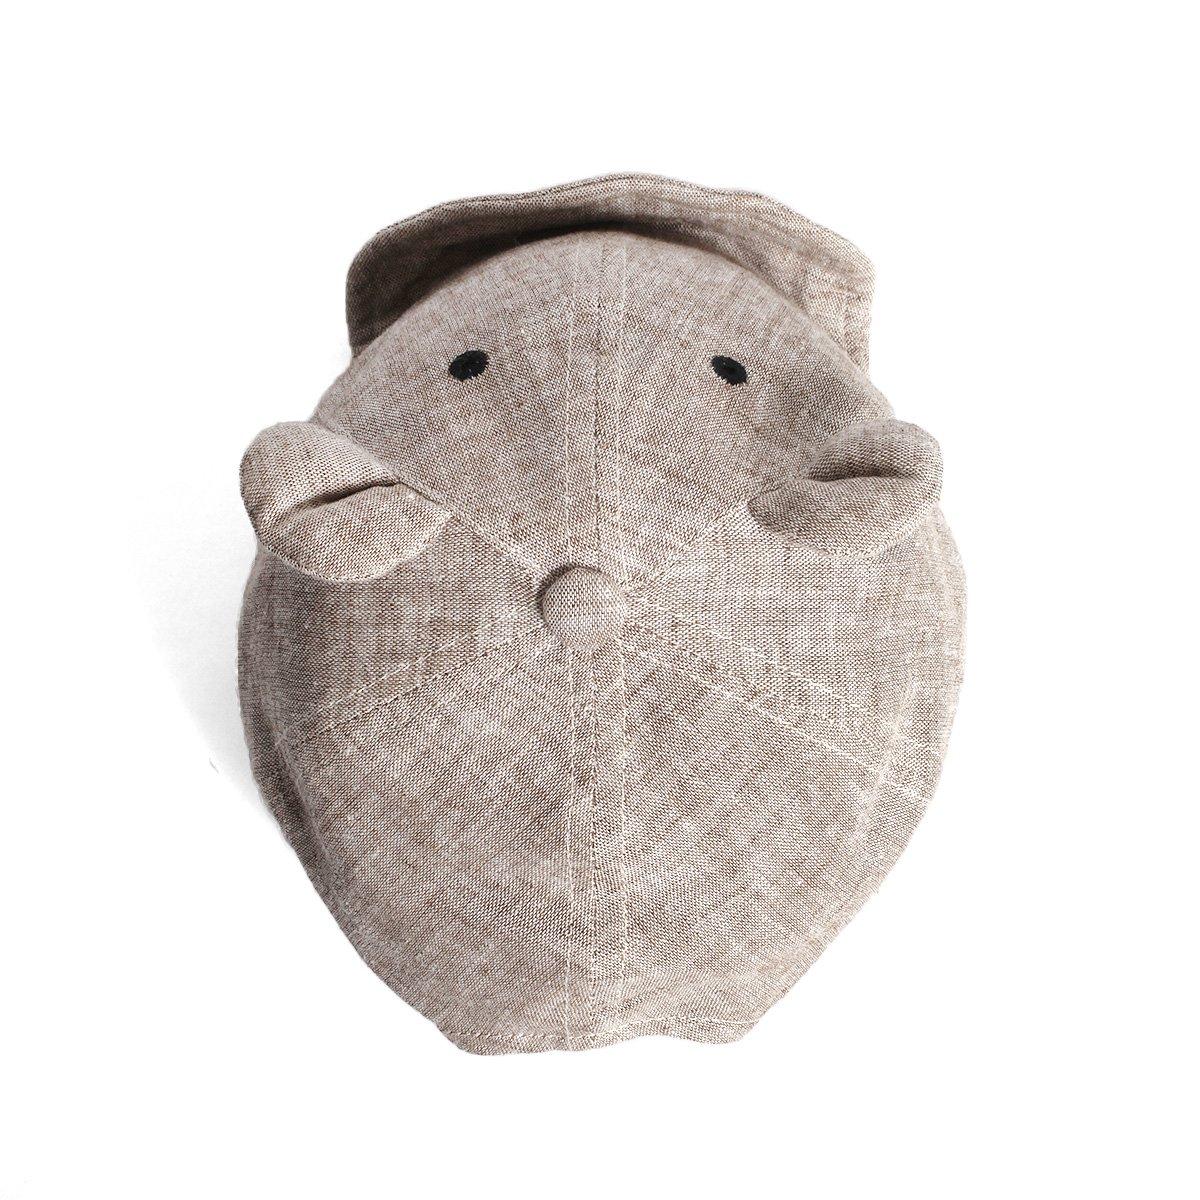 【KIDS】Little Bear Cap 詳細画像8